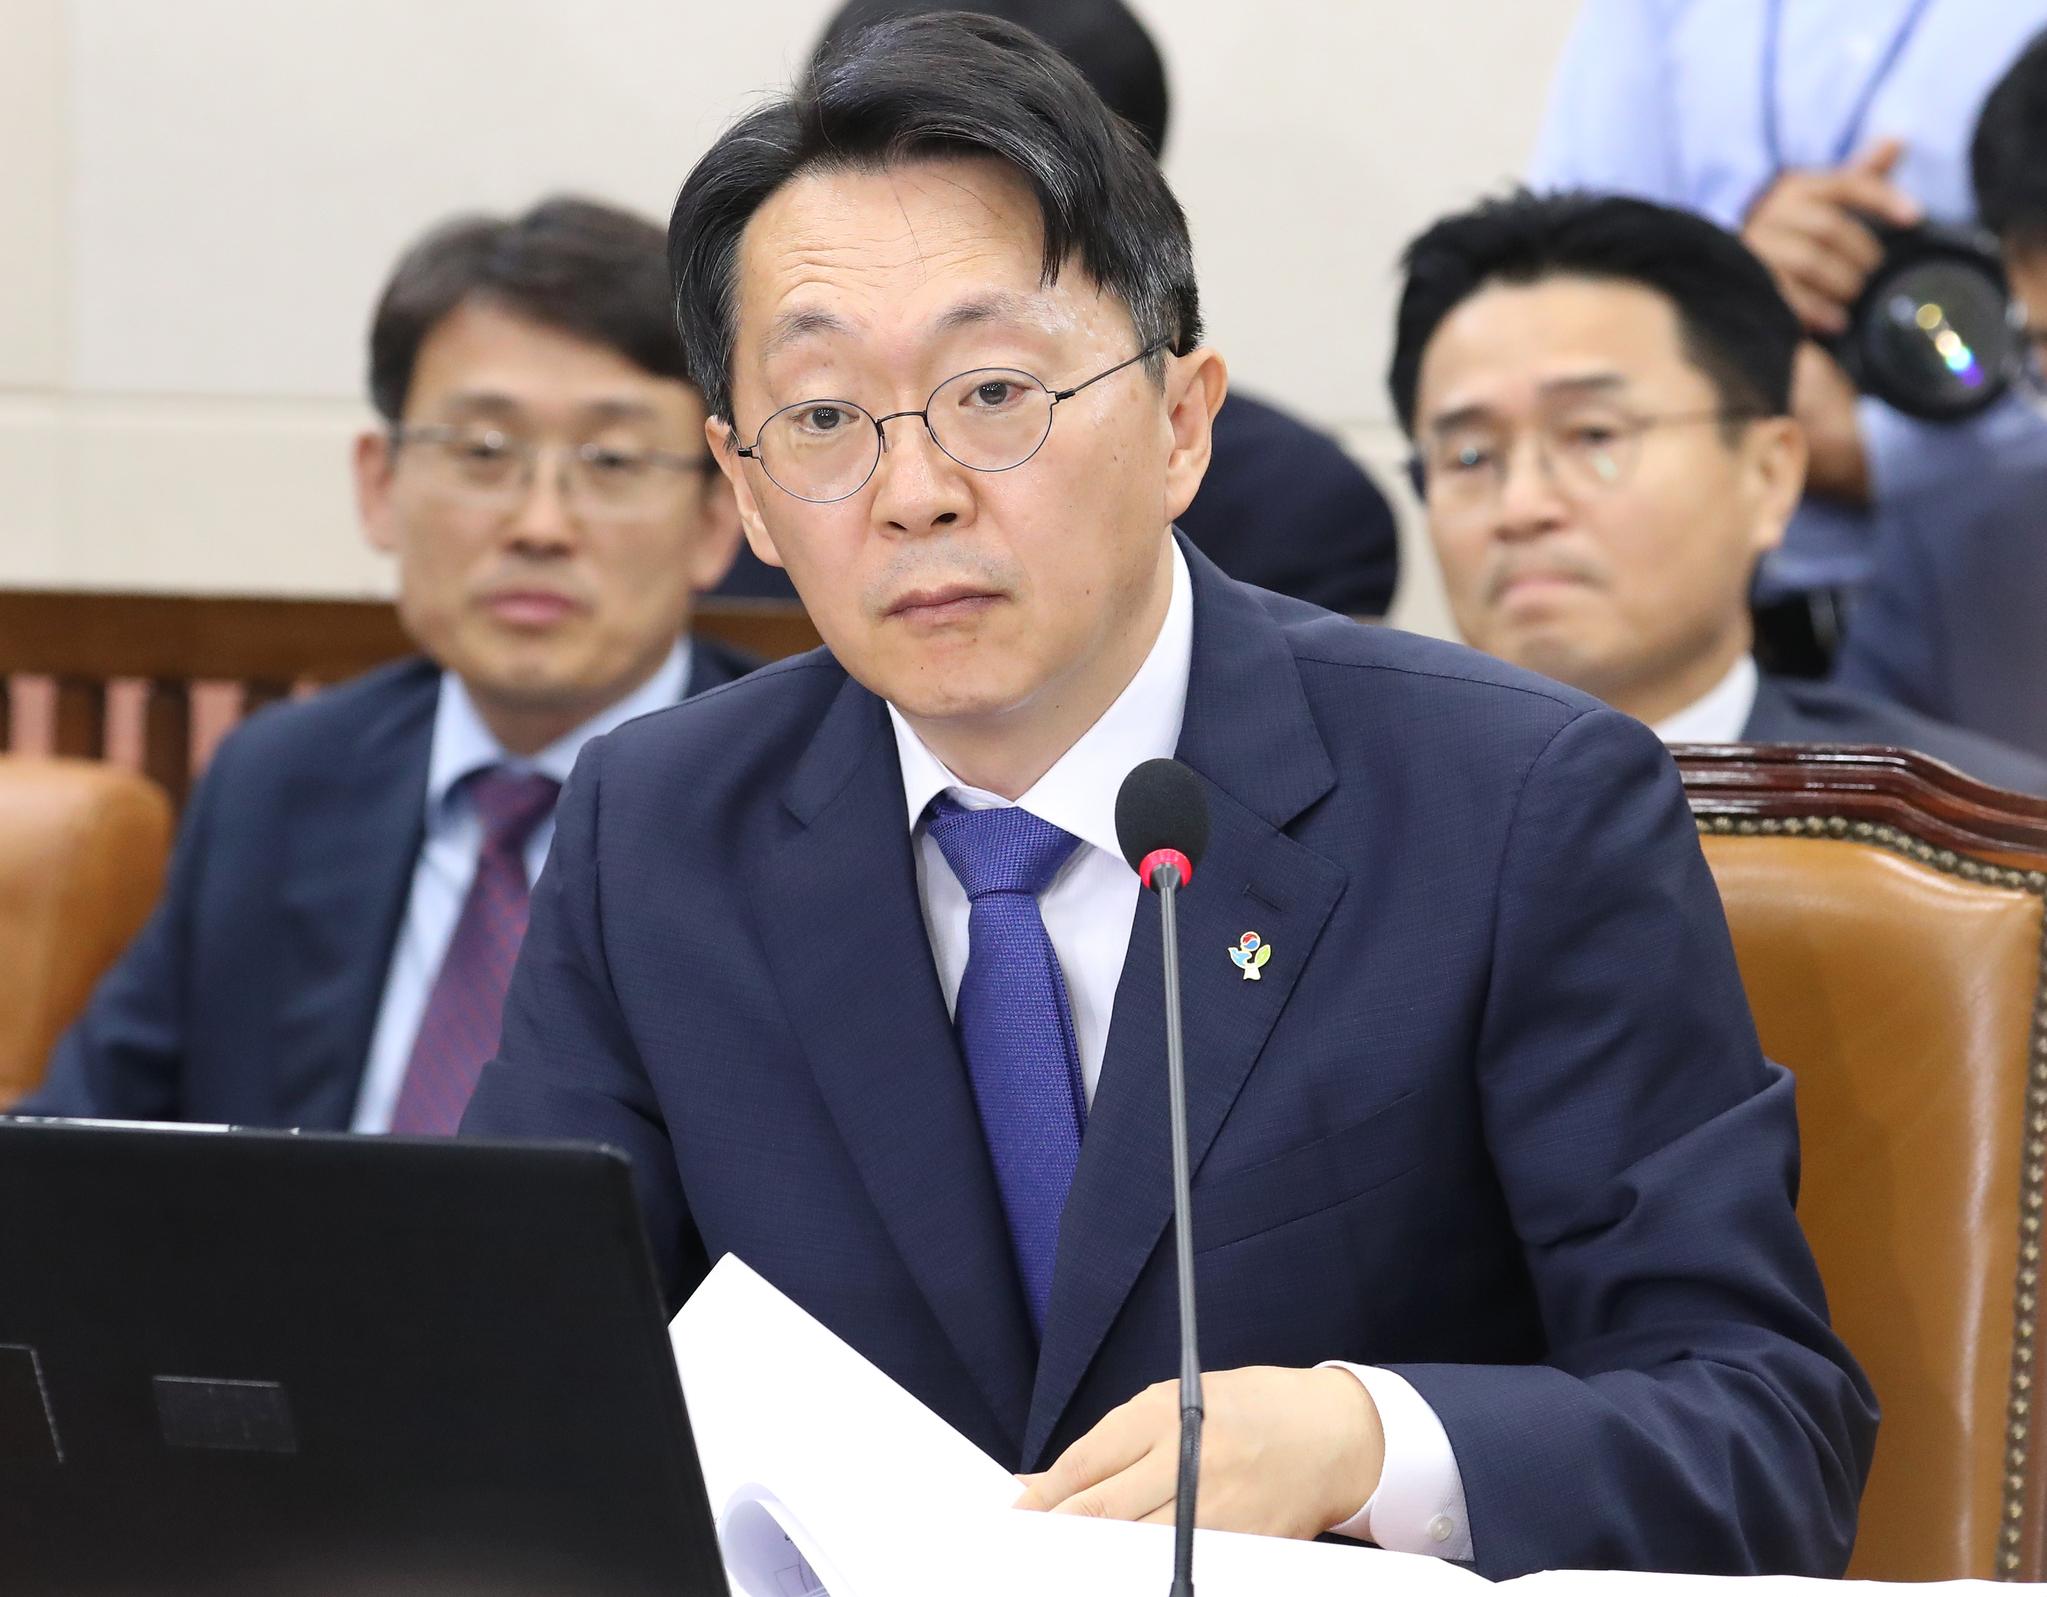 김현준 국세청장 후보자가 26일 오전 국회에서 열린 인사청문회에서 의원들의 질의를 경청하고 있다. [연합뉴스]